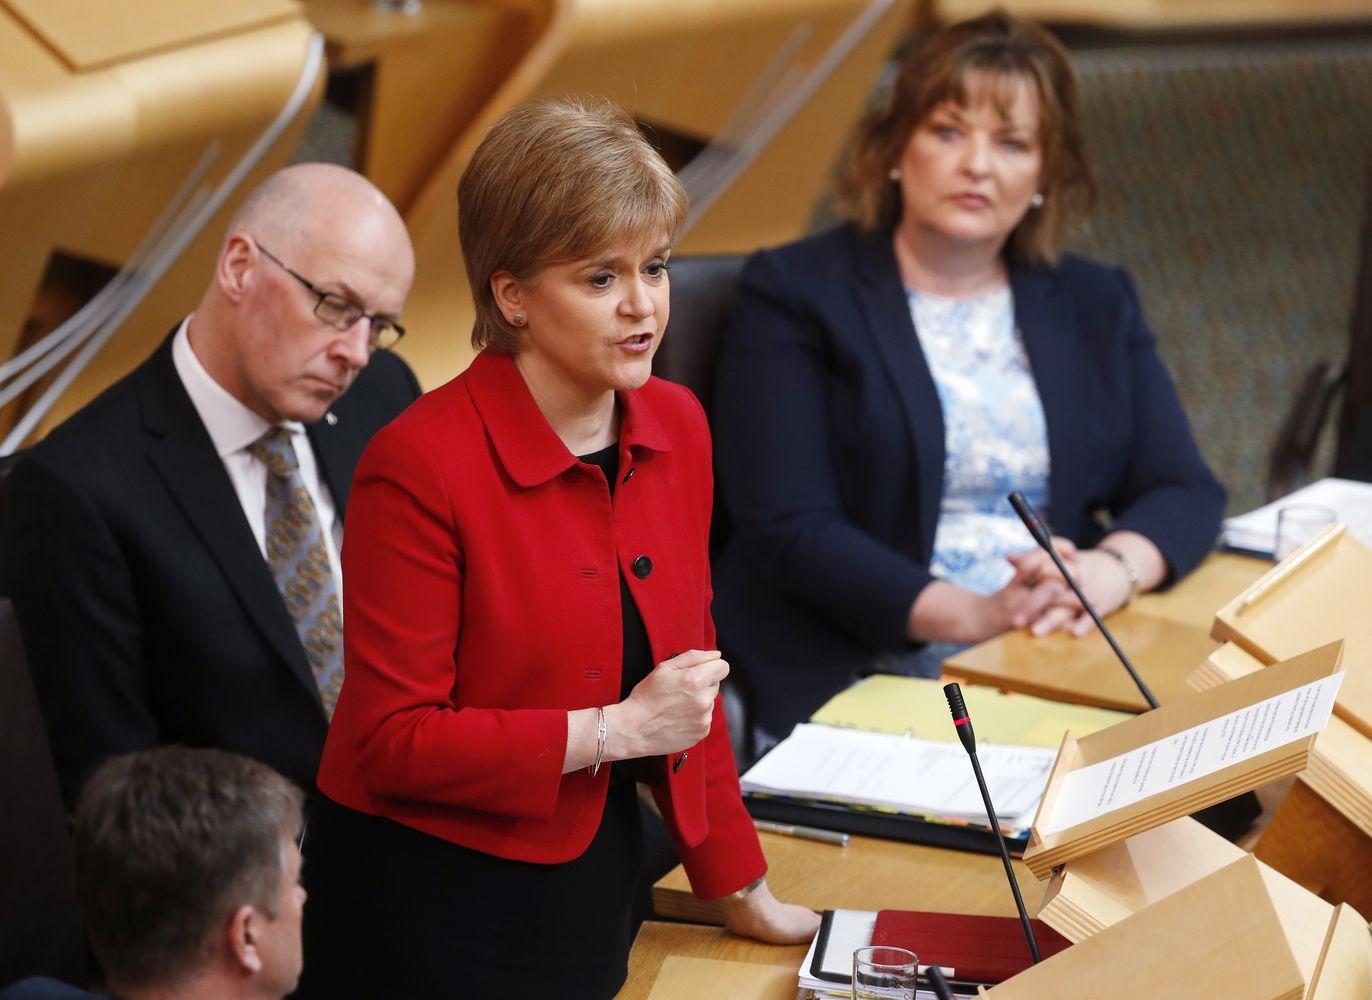 Škotai eina link refrendumo, centrinė valdžia priešinasi